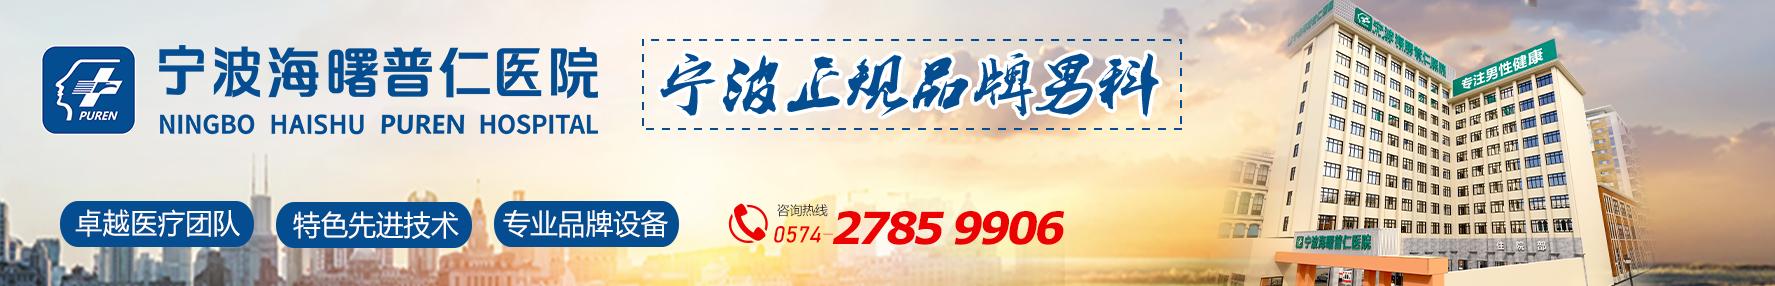 宁波海曙普仁医院